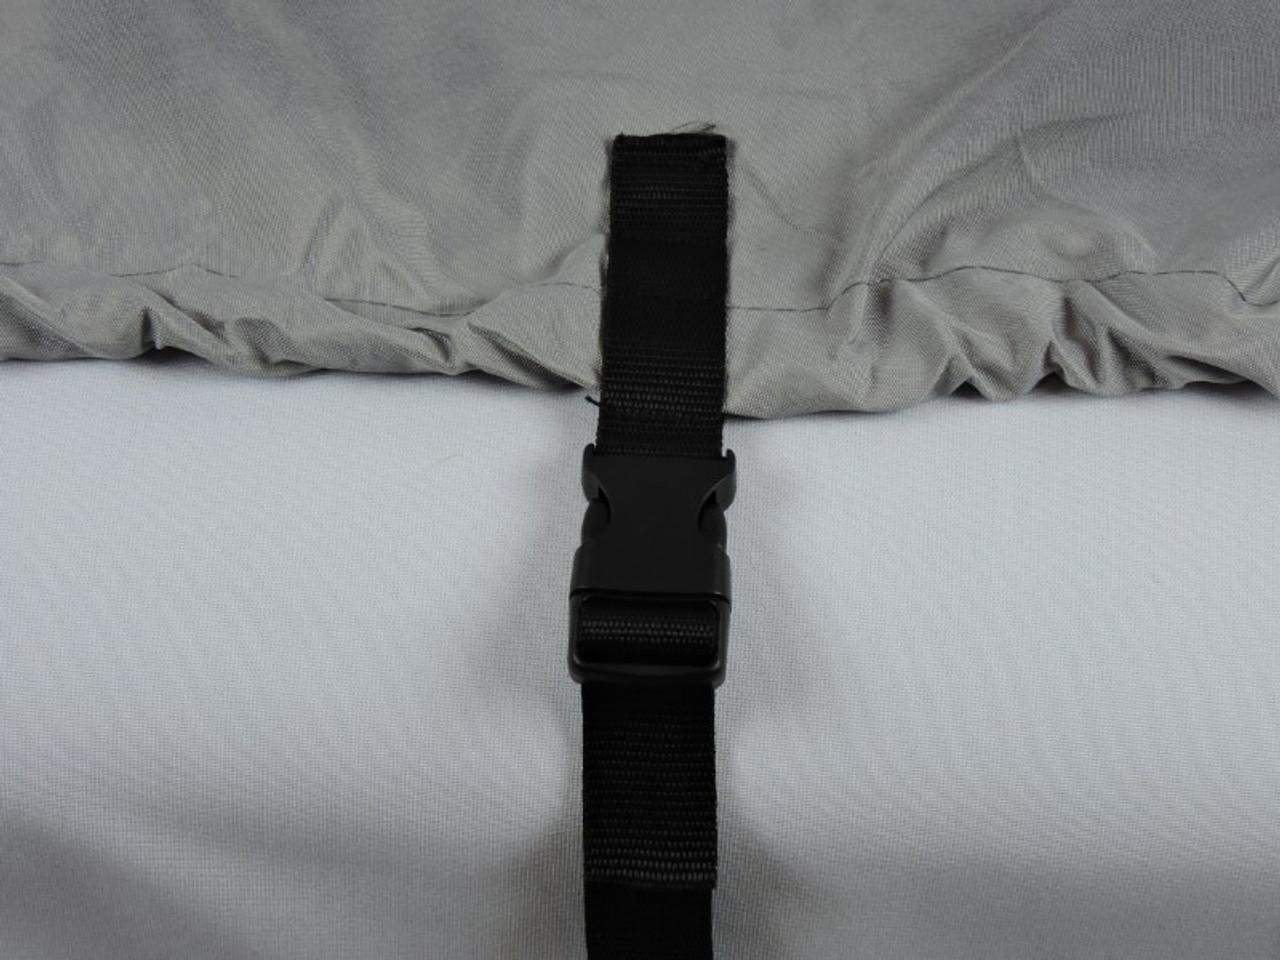 Venture all season storage cover side tie down straps